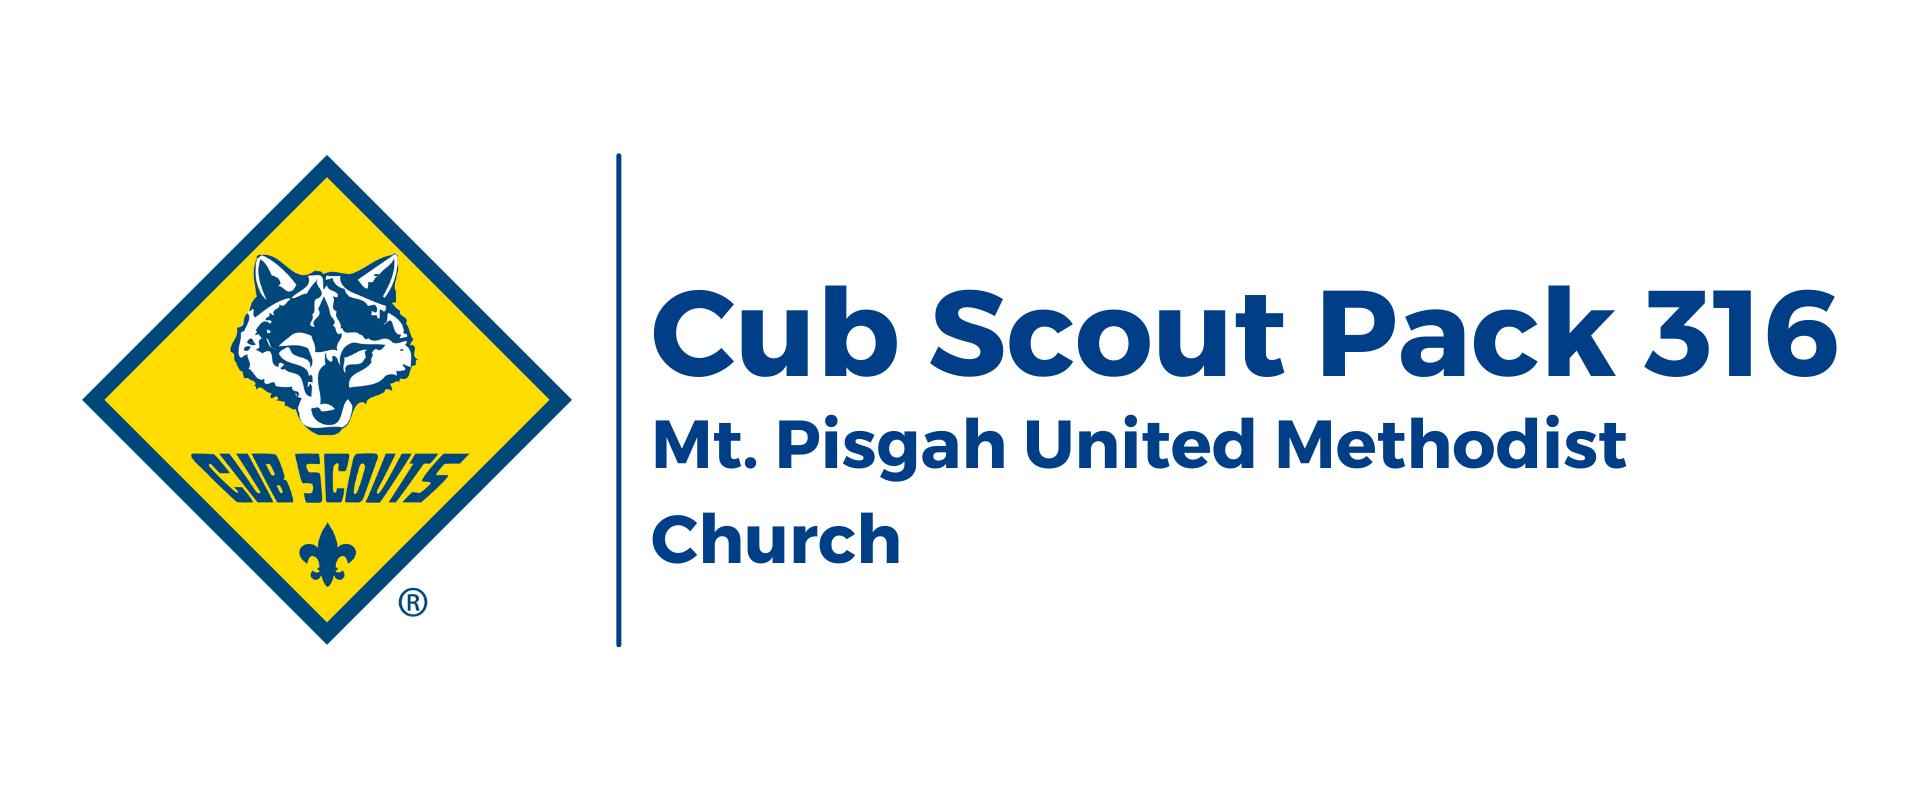 Cub Scout Pack 316